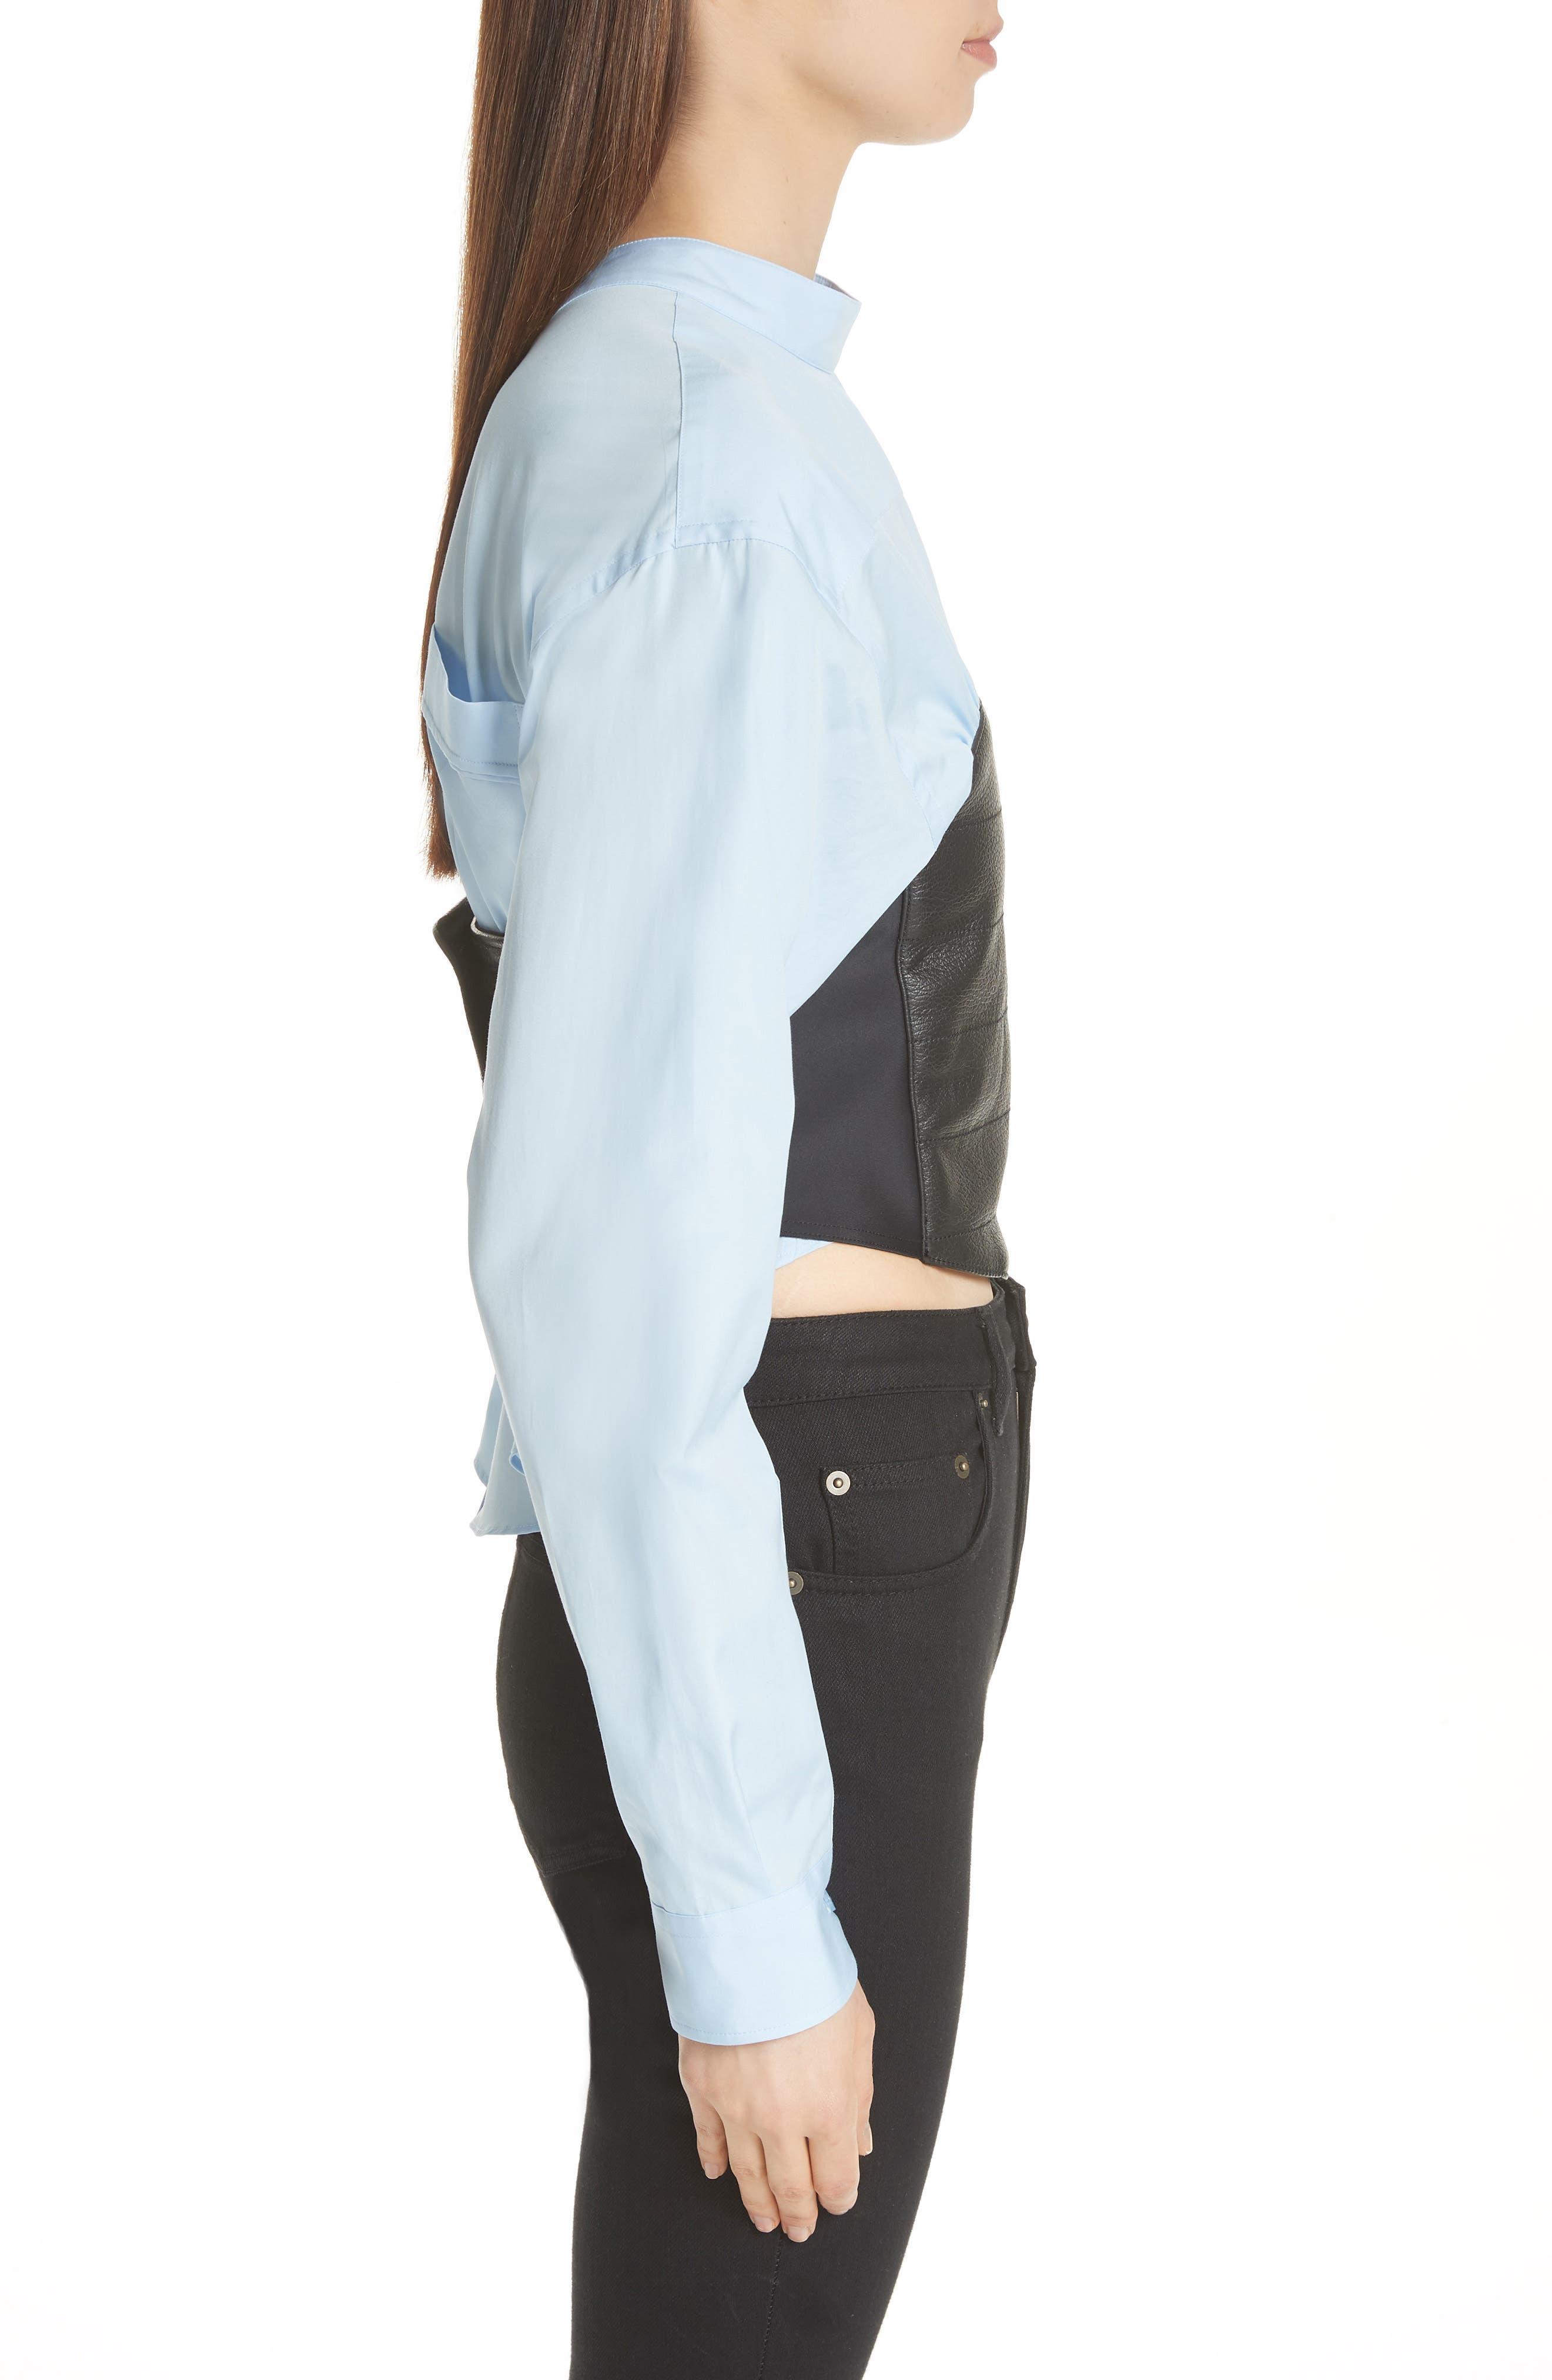 Bustier Shirt,                             Alternate thumbnail 3, color,                             Blue/ Black Bustier